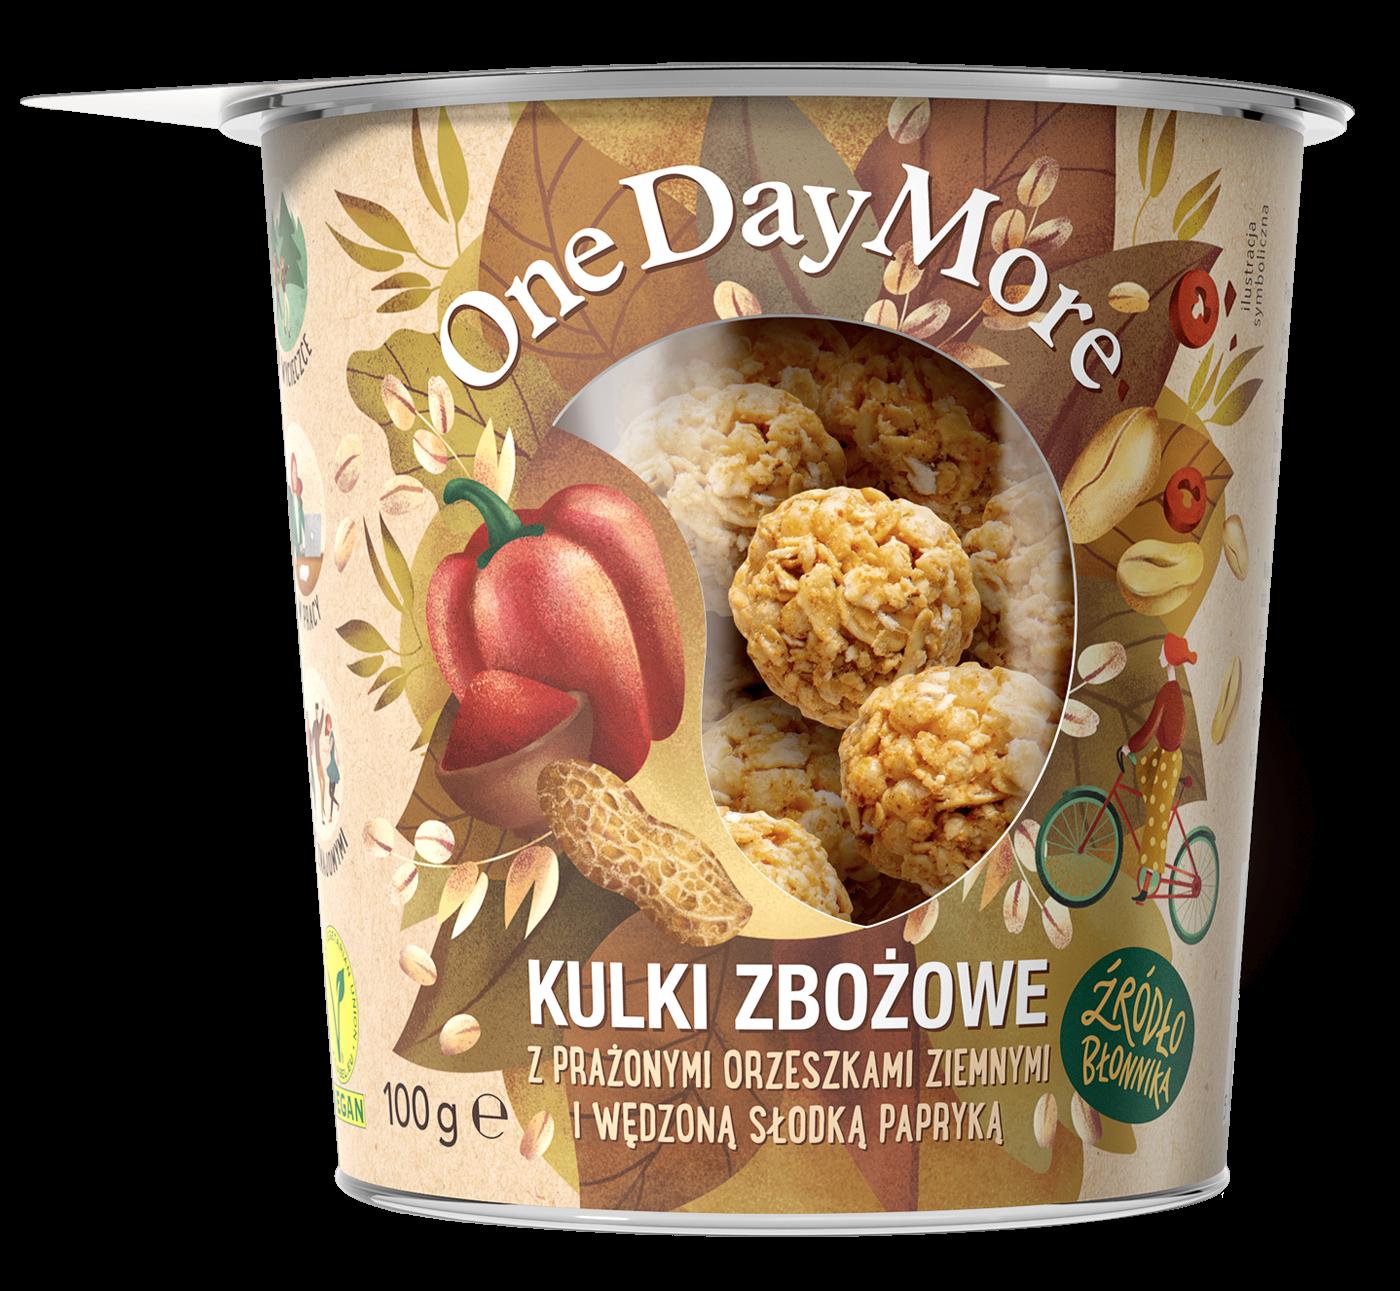 kulki-zbozowe-orzeszki-ziemne-i-papryka-kubek-onedaymore-1400×1291